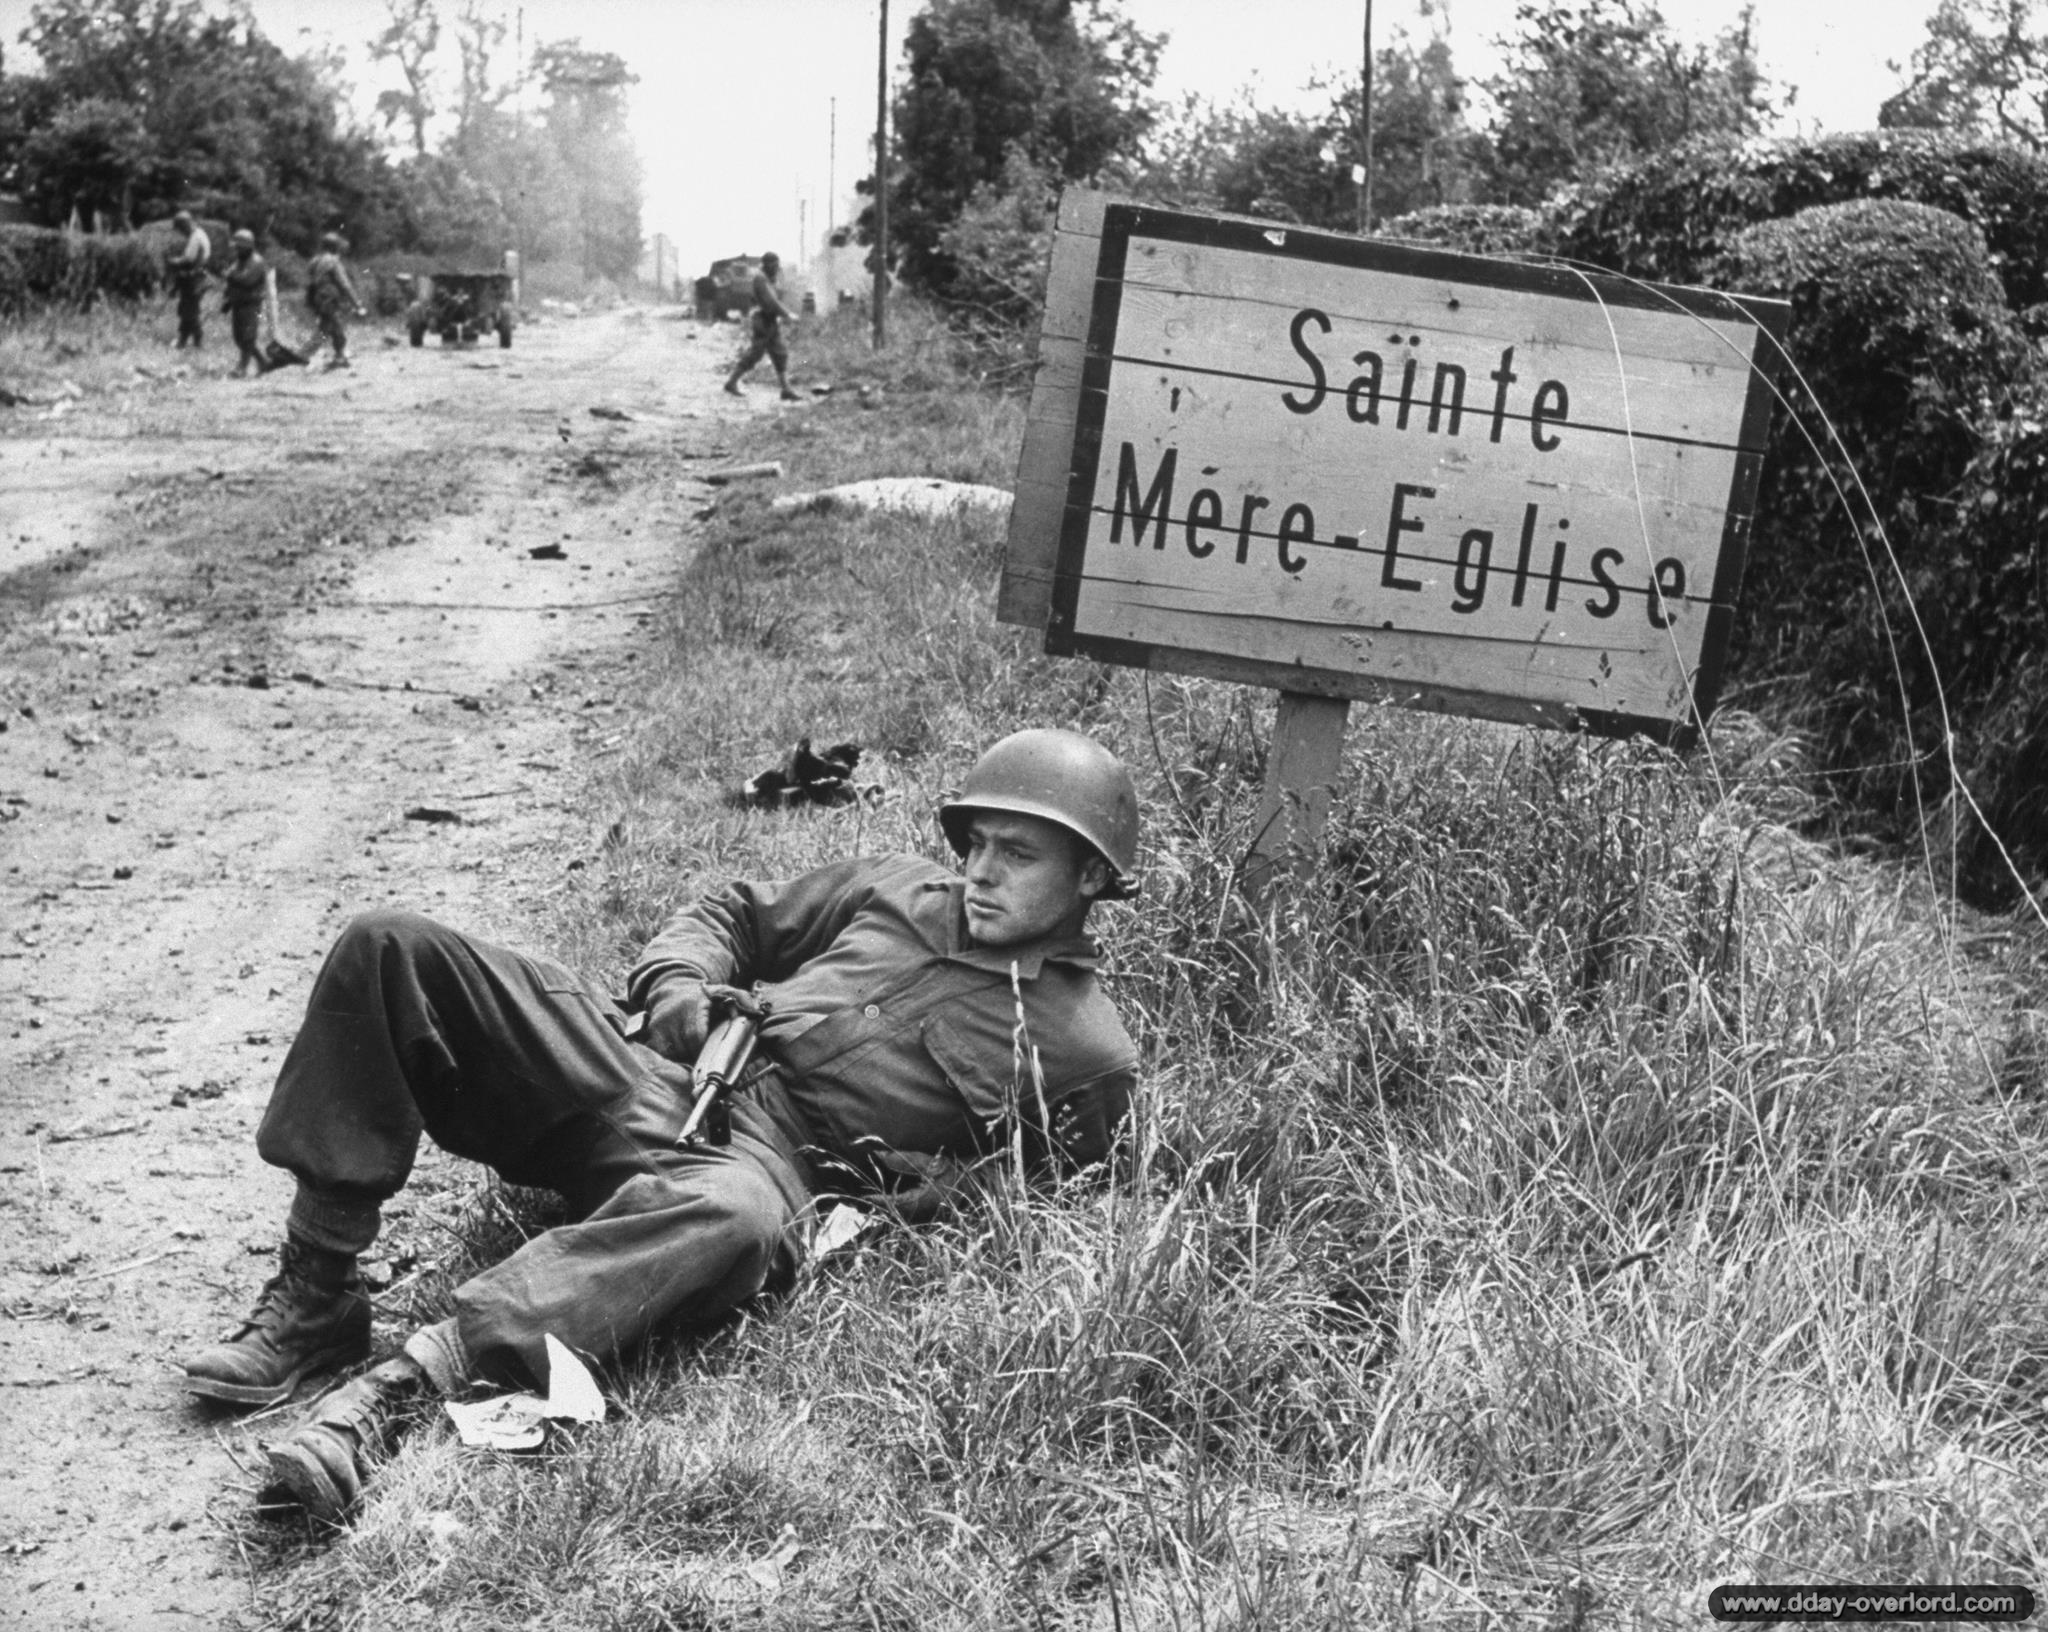 Les op rations a roport es am ricaines en normandie 6 juin 1944 - Office du tourisme ste mere eglise ...